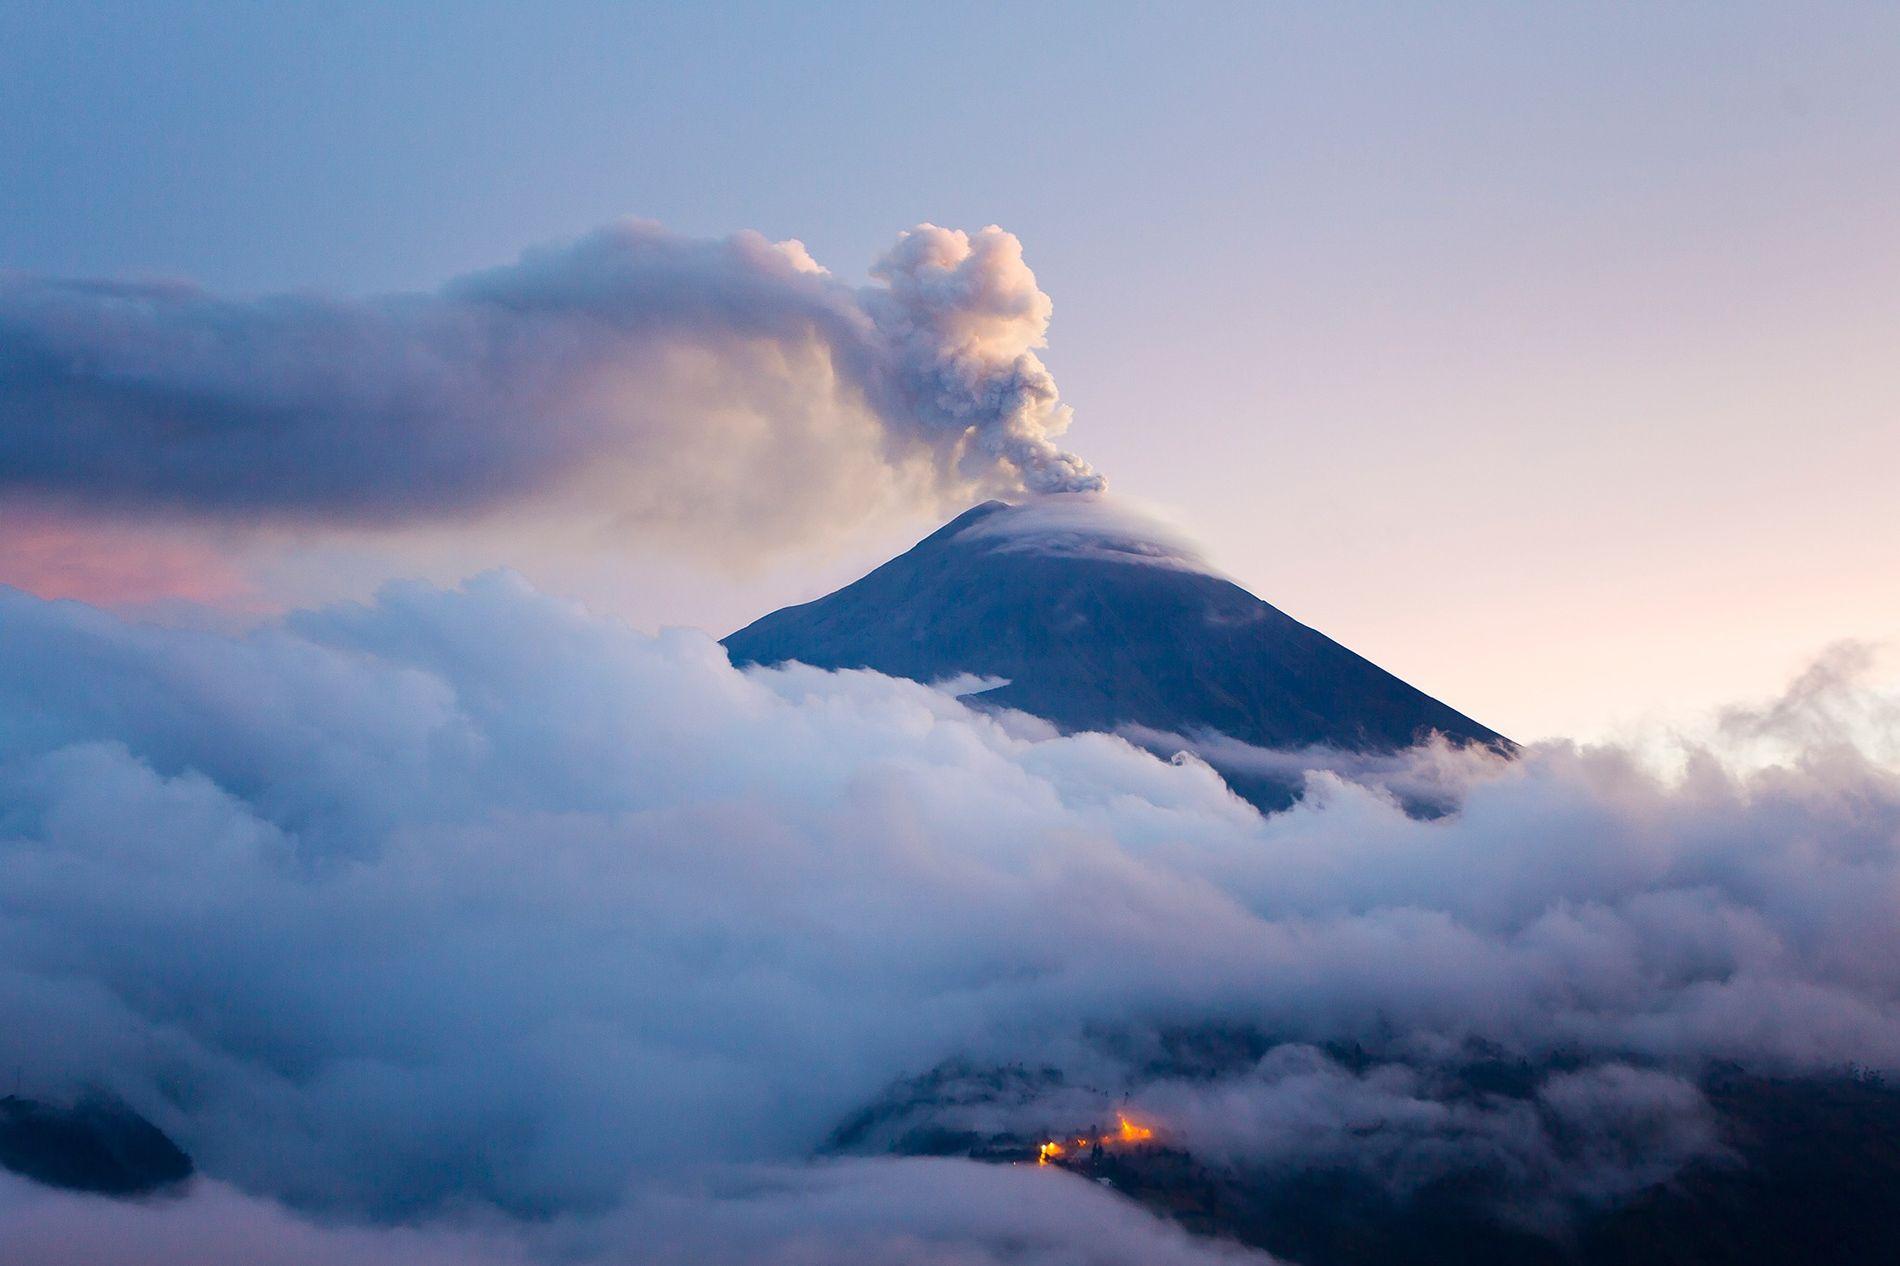 Vulcão Tungurahua em erupção durante o crepúsculo. As erupções vulcânicas representam uma forma pela qual a Terra devolve seu carbono interno à superfície.